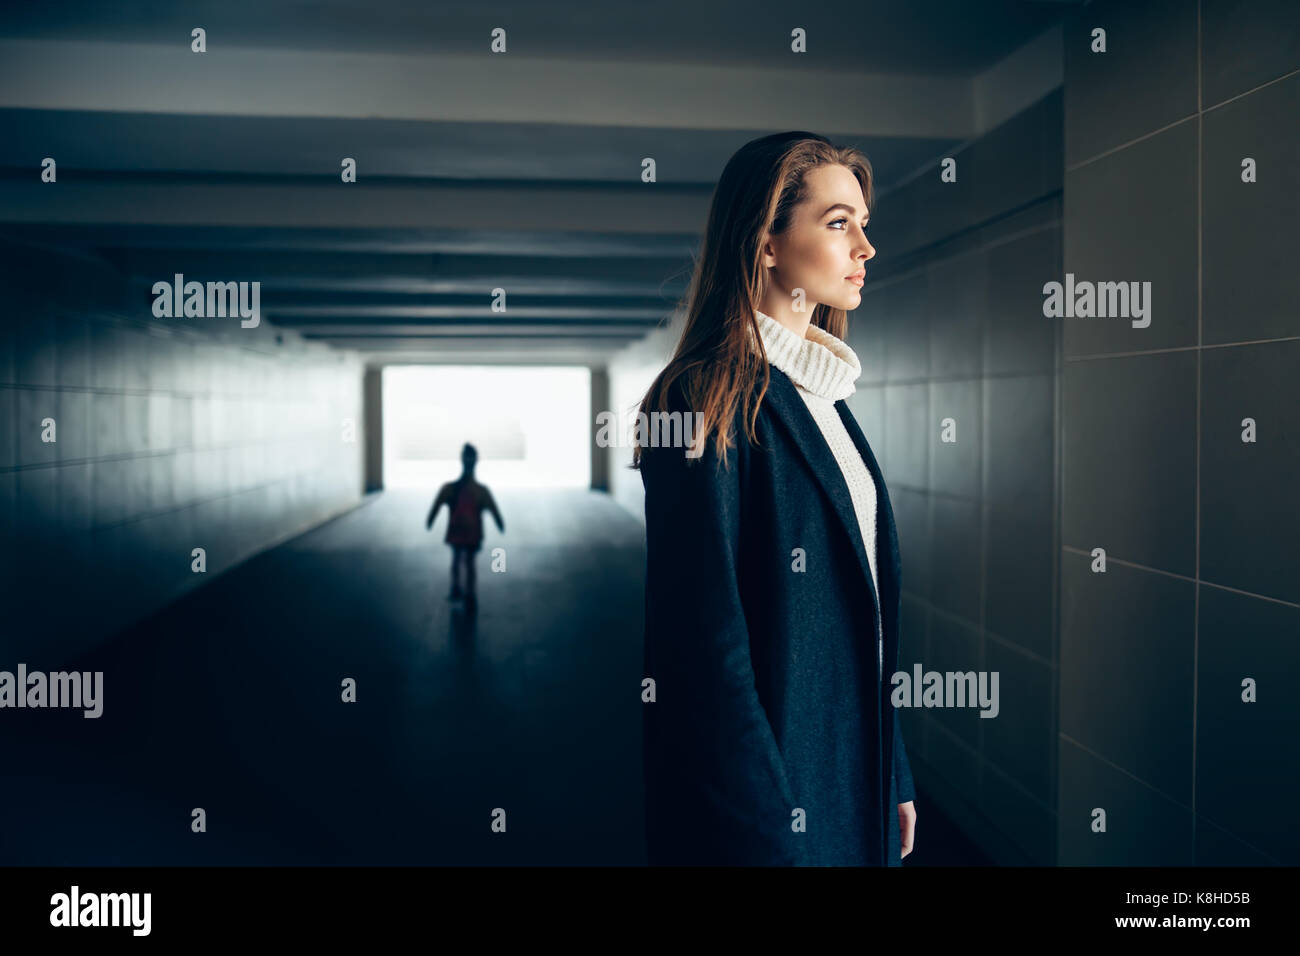 Hermosa mujer solitaria en un túnel subterráneo con asustar a silueta en concepto de fondo el surrealismo. Imagen De Stock